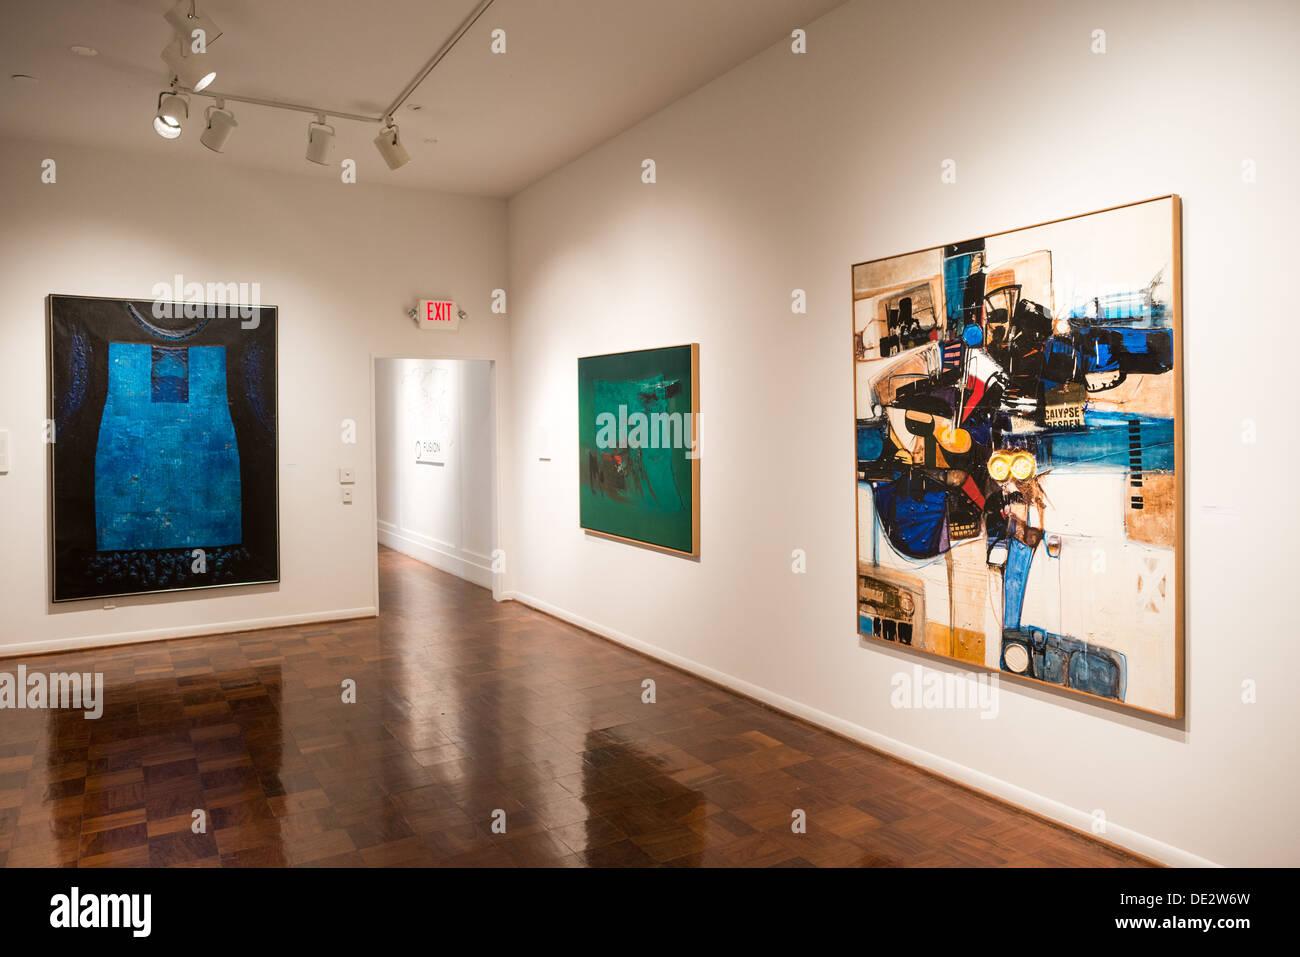 WASHINGTON DC, USA - Paintings by Kazuya Sakai (1927-2001) or Argentina